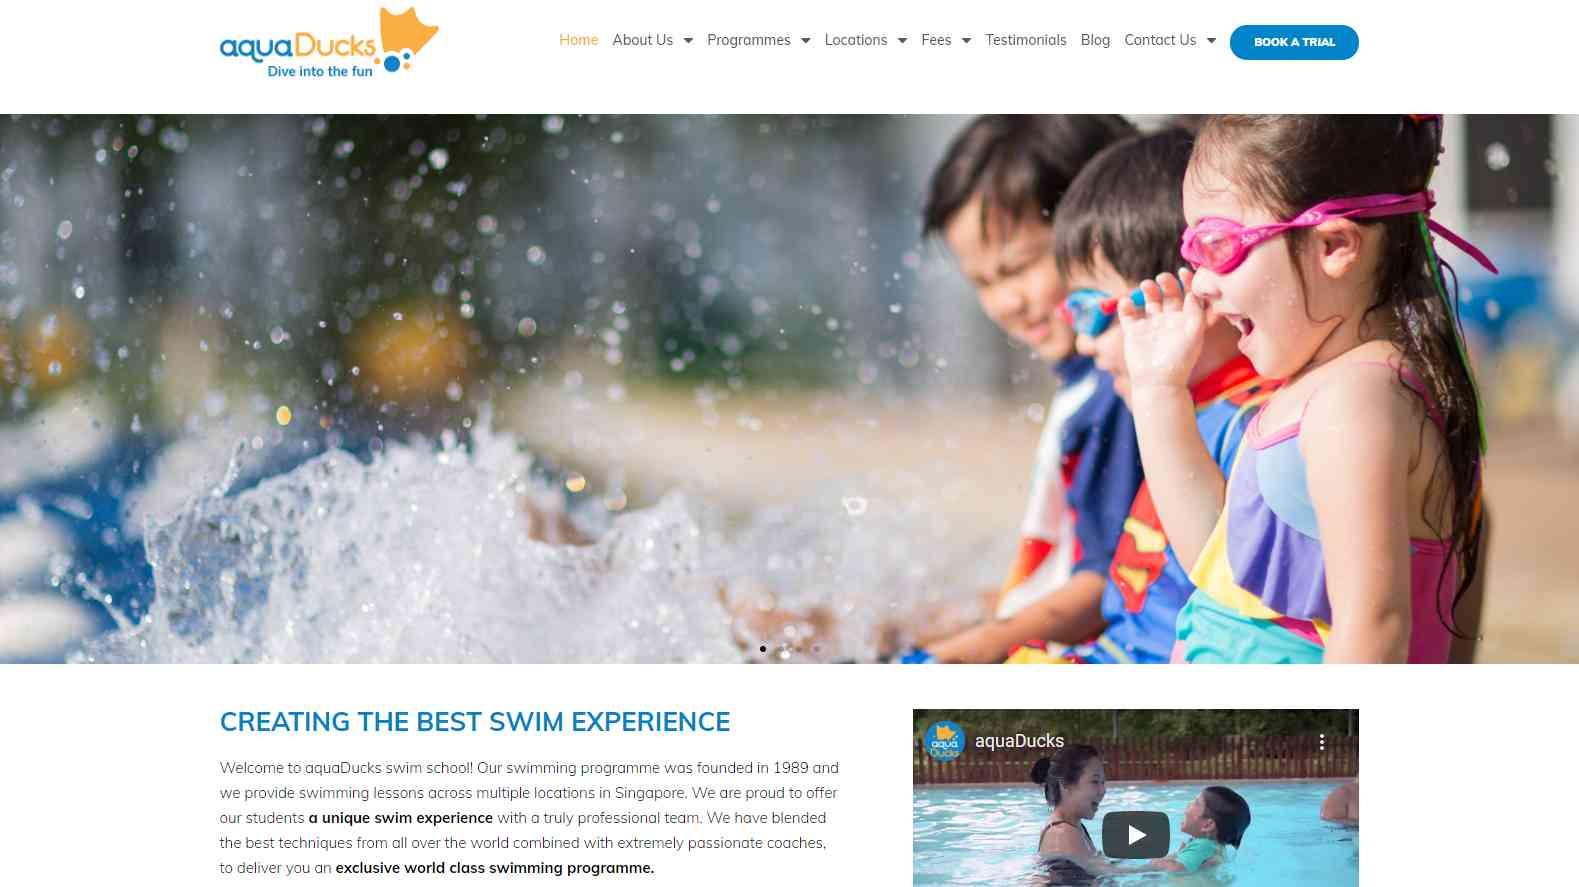 aqua ducks Top Swimming Schools in Singapore